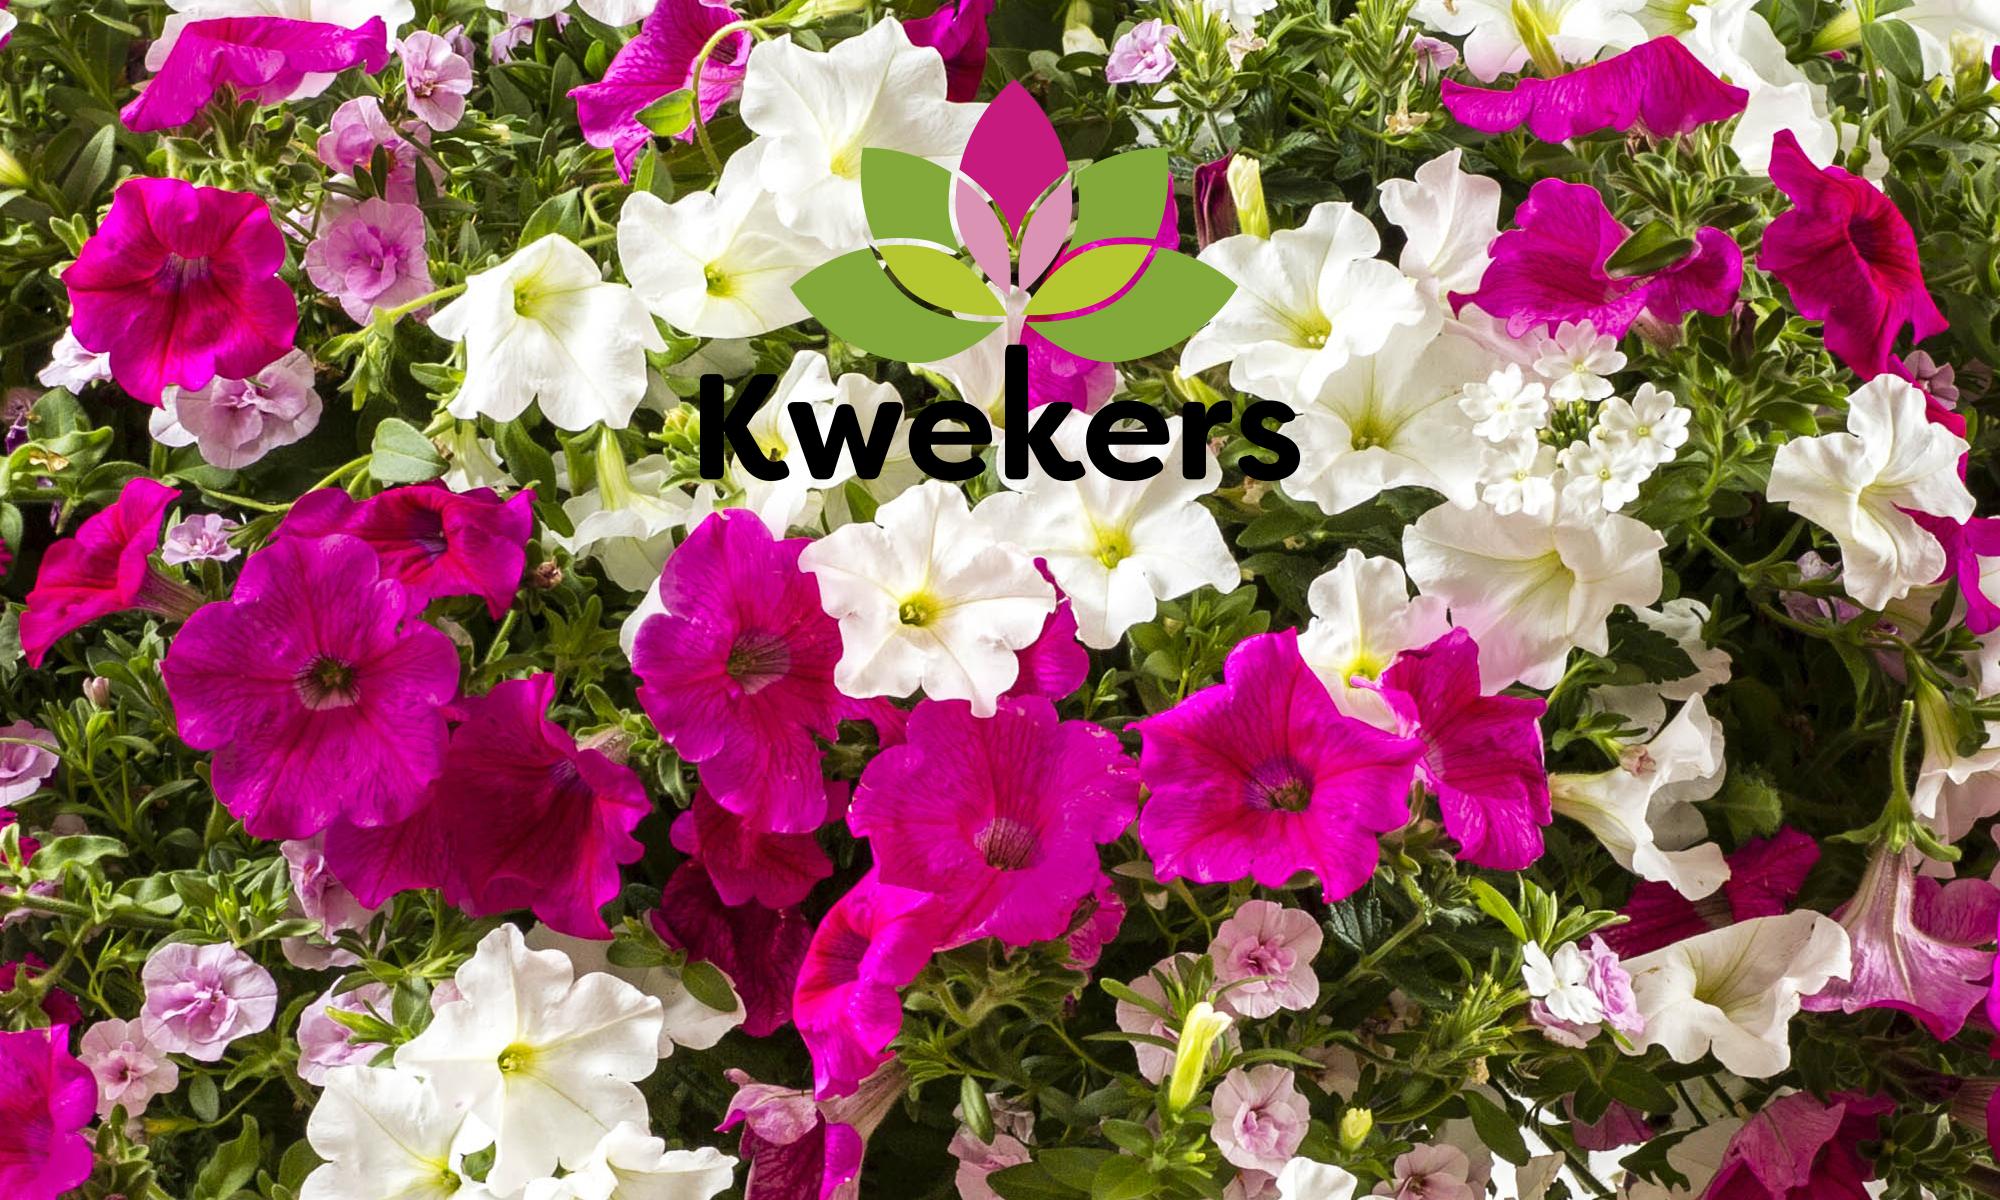 Kwekers info